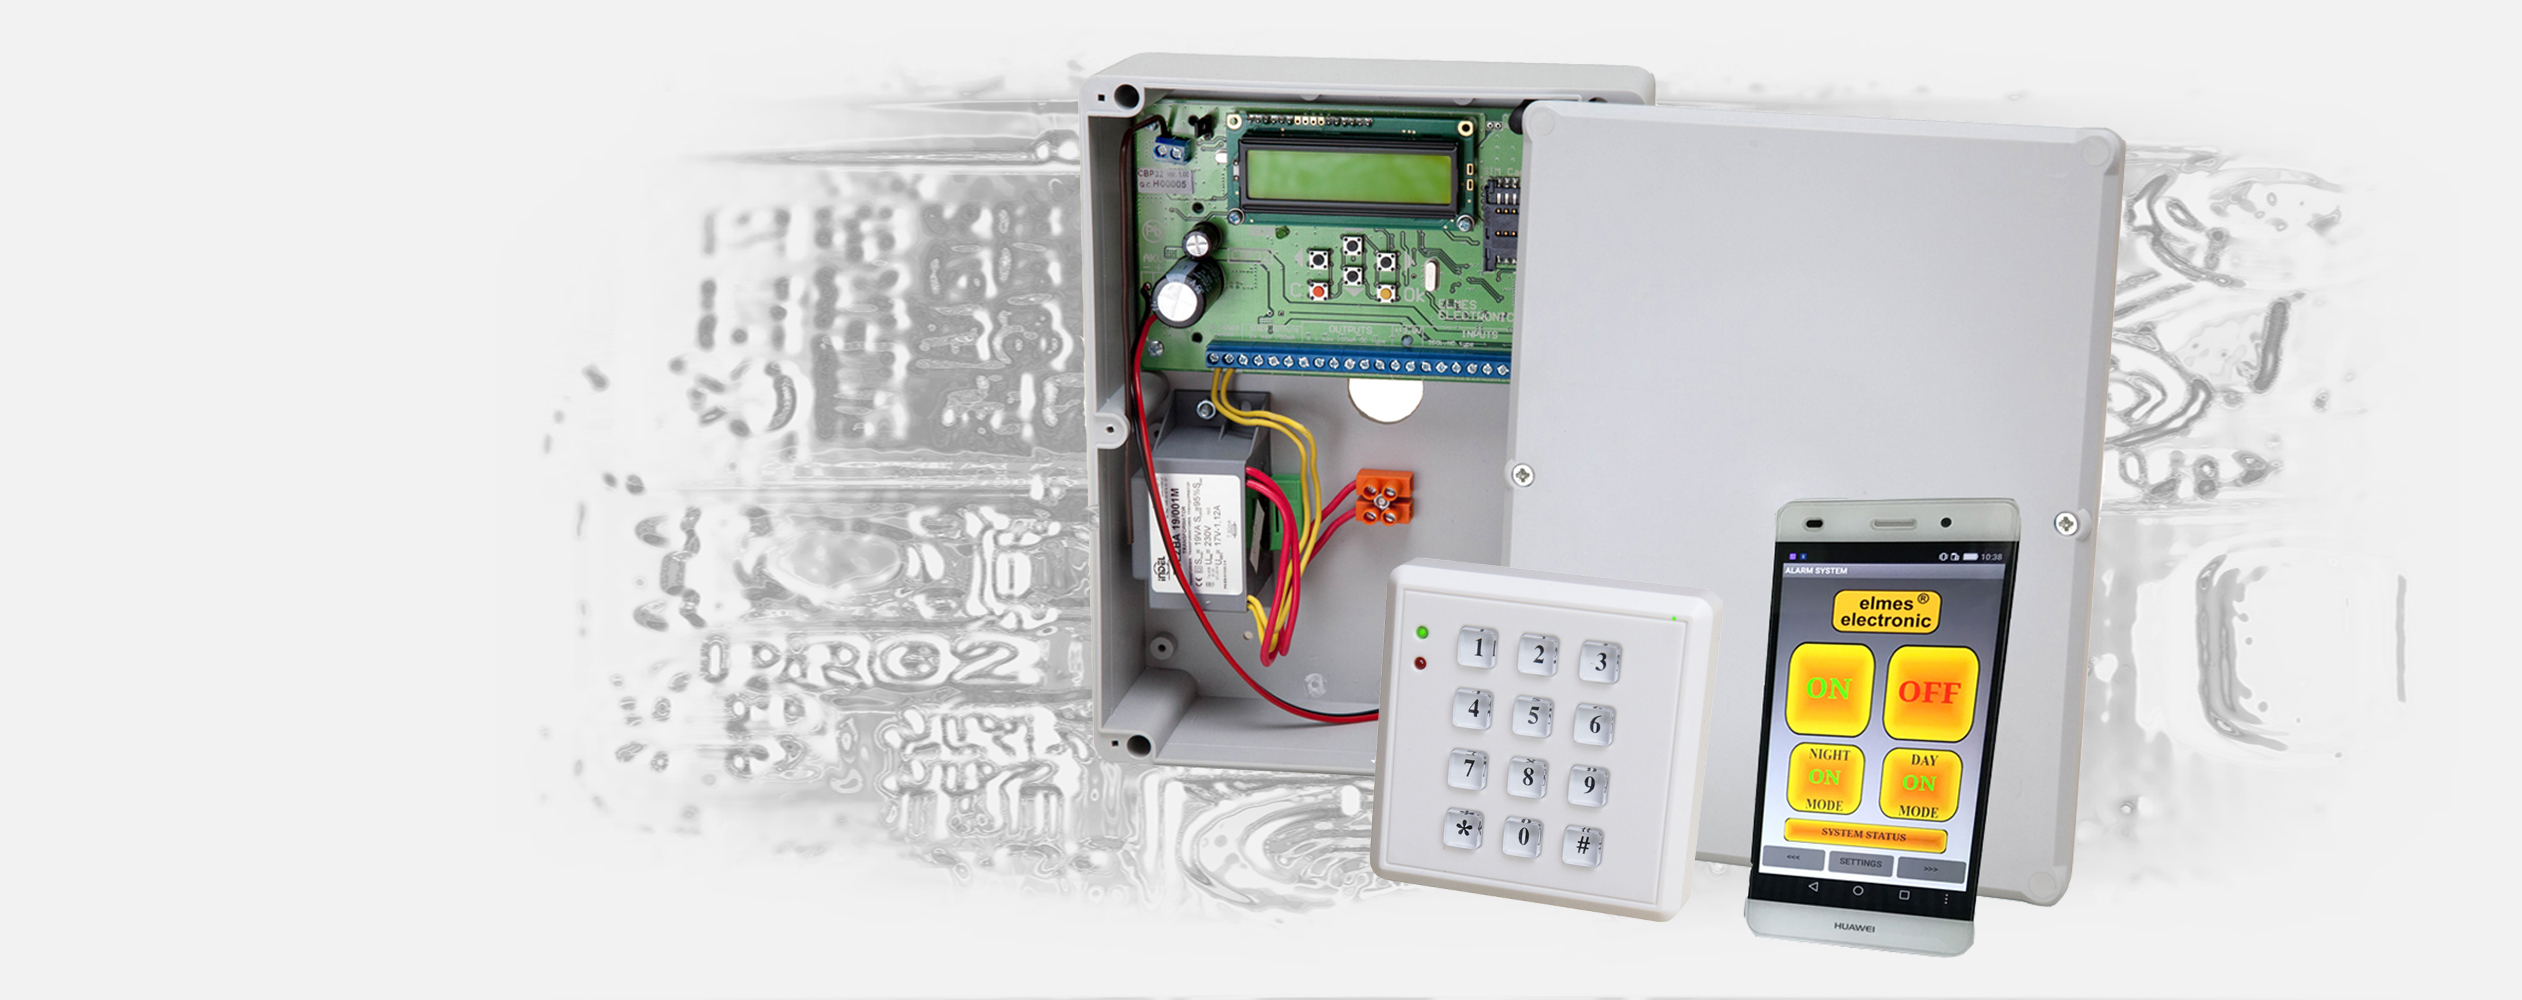 CENTRALA ALARMOWA CBP32 sterowana telefonem, klawiaturą bezprzewodową, pilotem